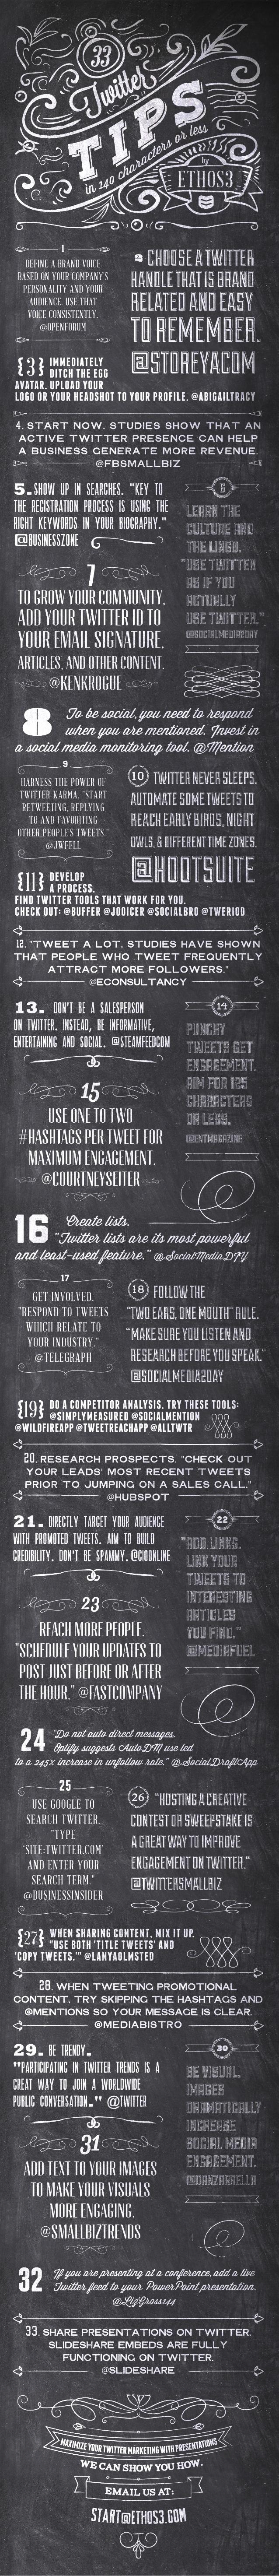 33 consejos sobre Twitter en 140 caracteres